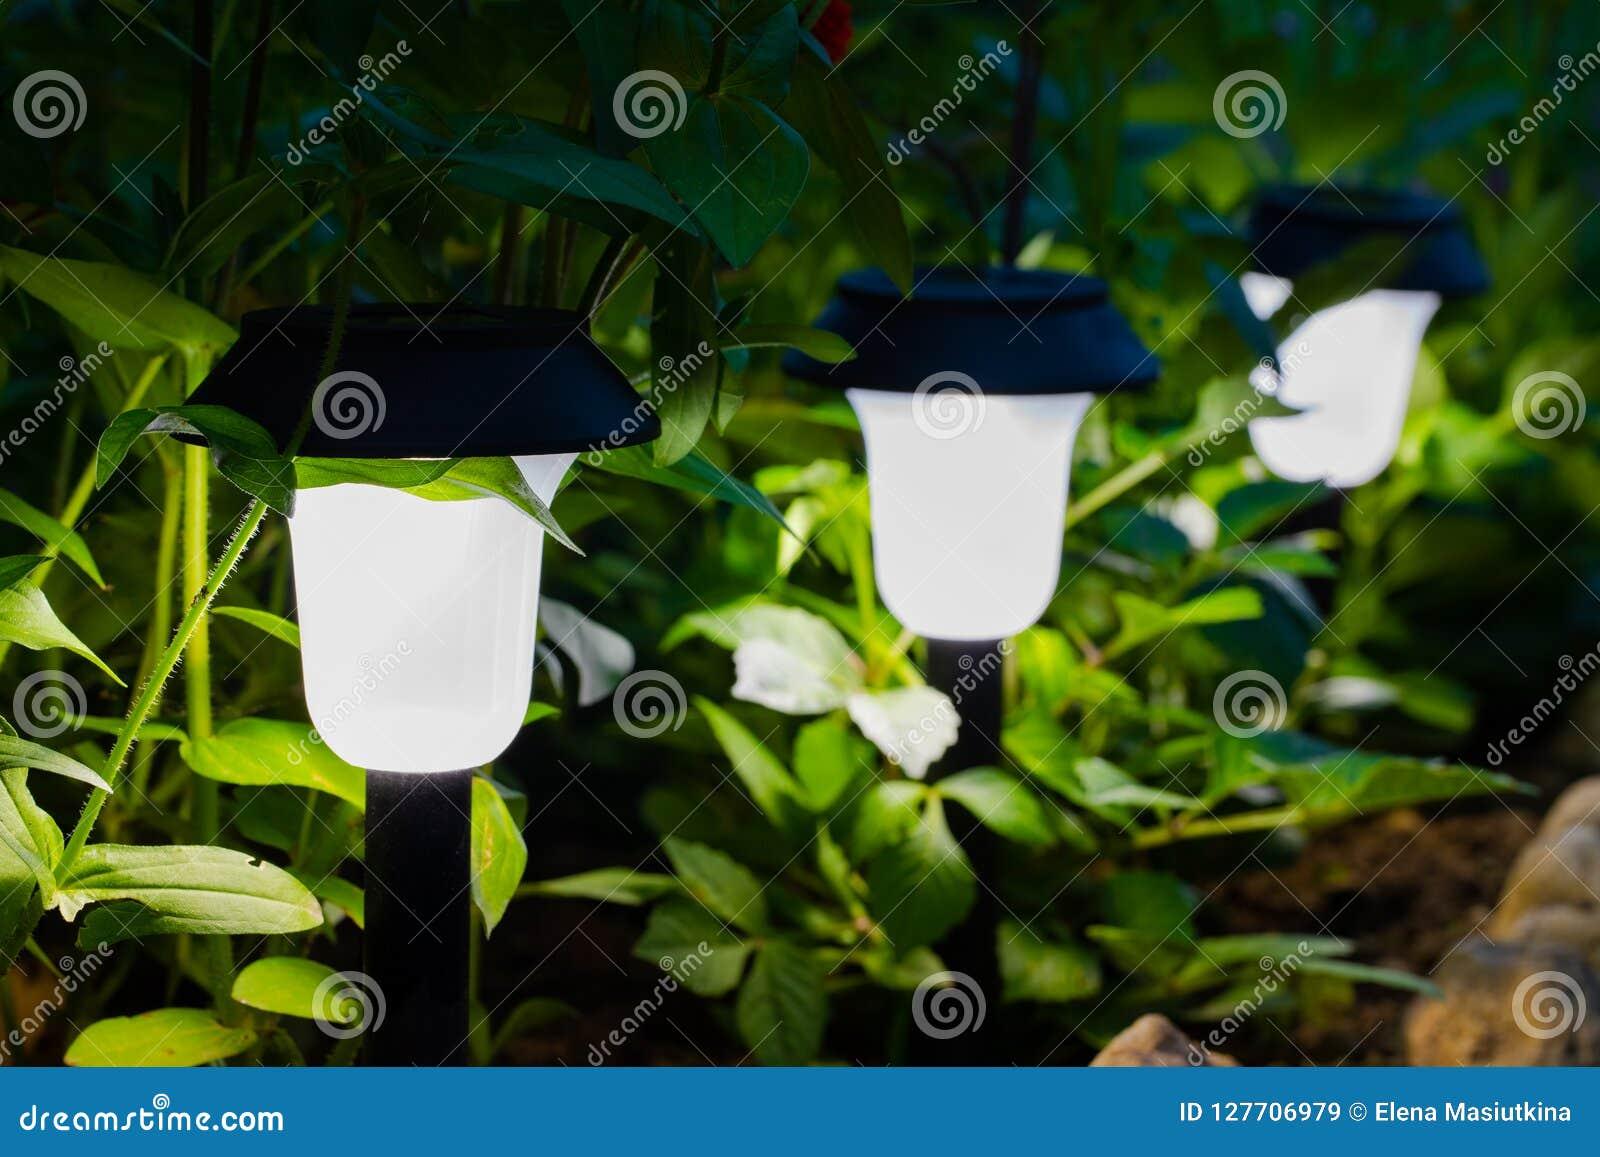 Dekorativt litet sol- trädgårds- ljus, lyktor i rabatt